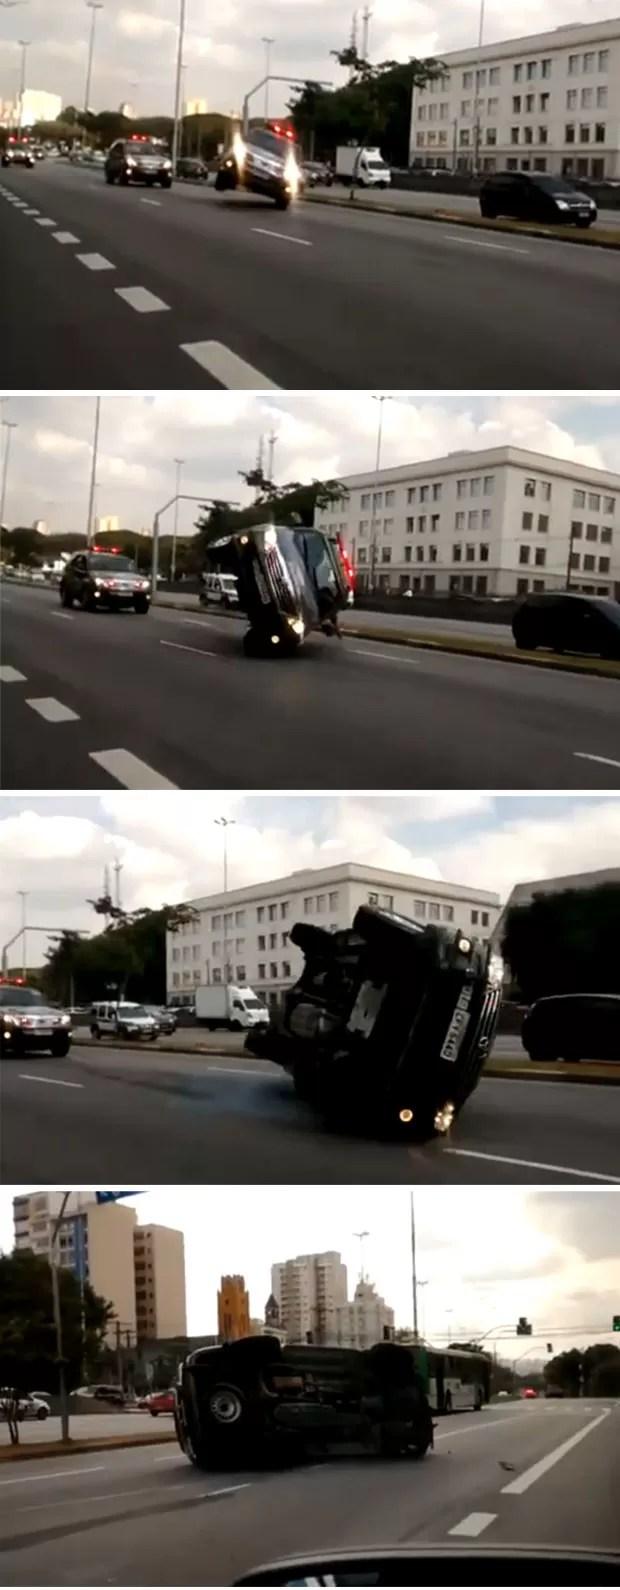 Vídeo mostra acidente com carro da polícia em avenida de São Paulo (Foto: Reprodução TV Globo)